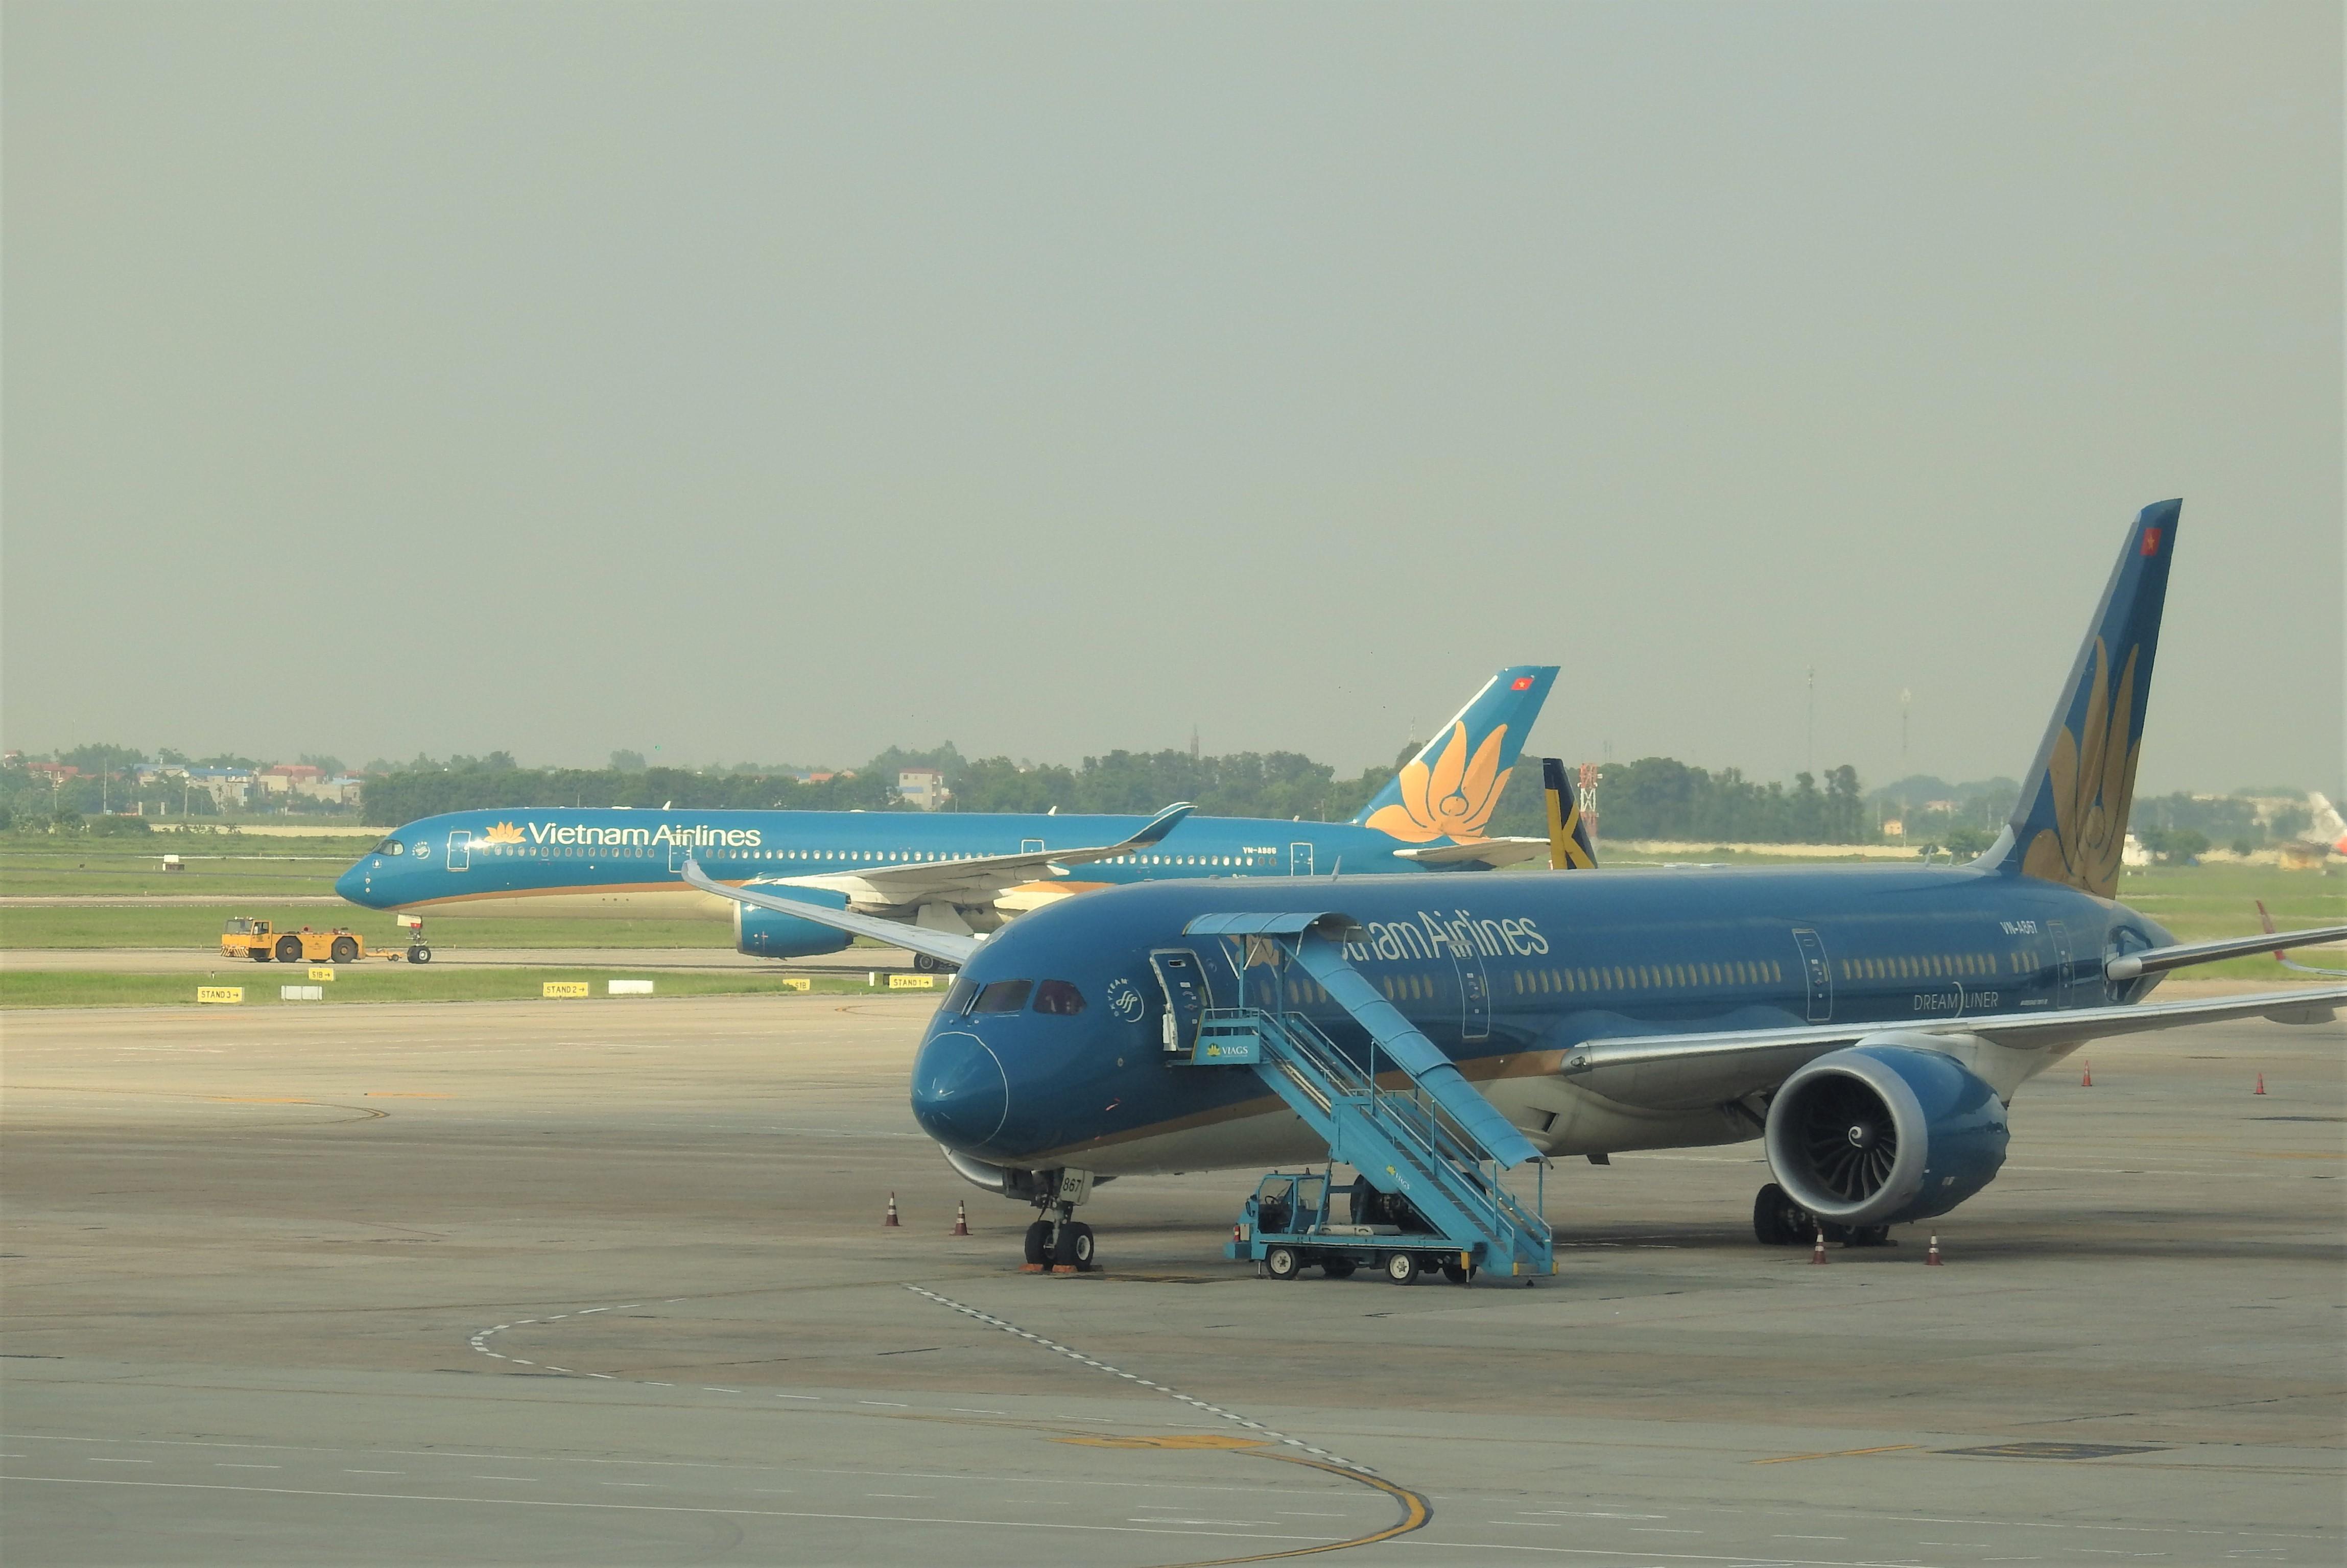 Vietnam Airlines nợ quá hạn hơn 6.600 tỷ, đợi tiền vay ưu đãi để trả - Ảnh 1.